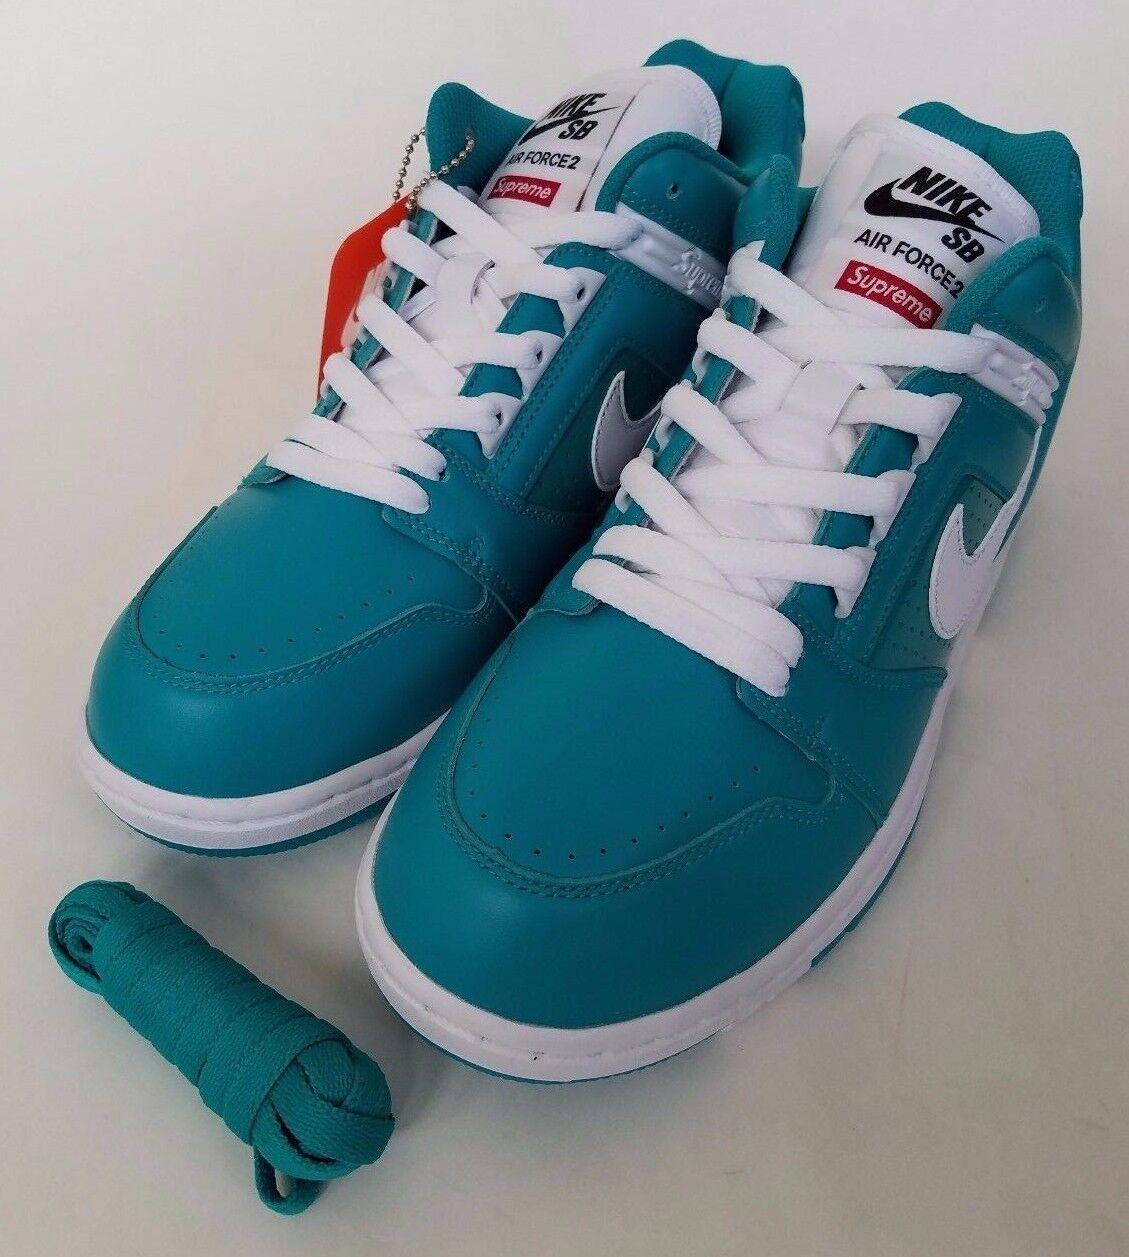 Nike x supremo sb ausiliari finanziari basso ds scorte vive nuove dimensioni 9 id aa0871-313 Uomo